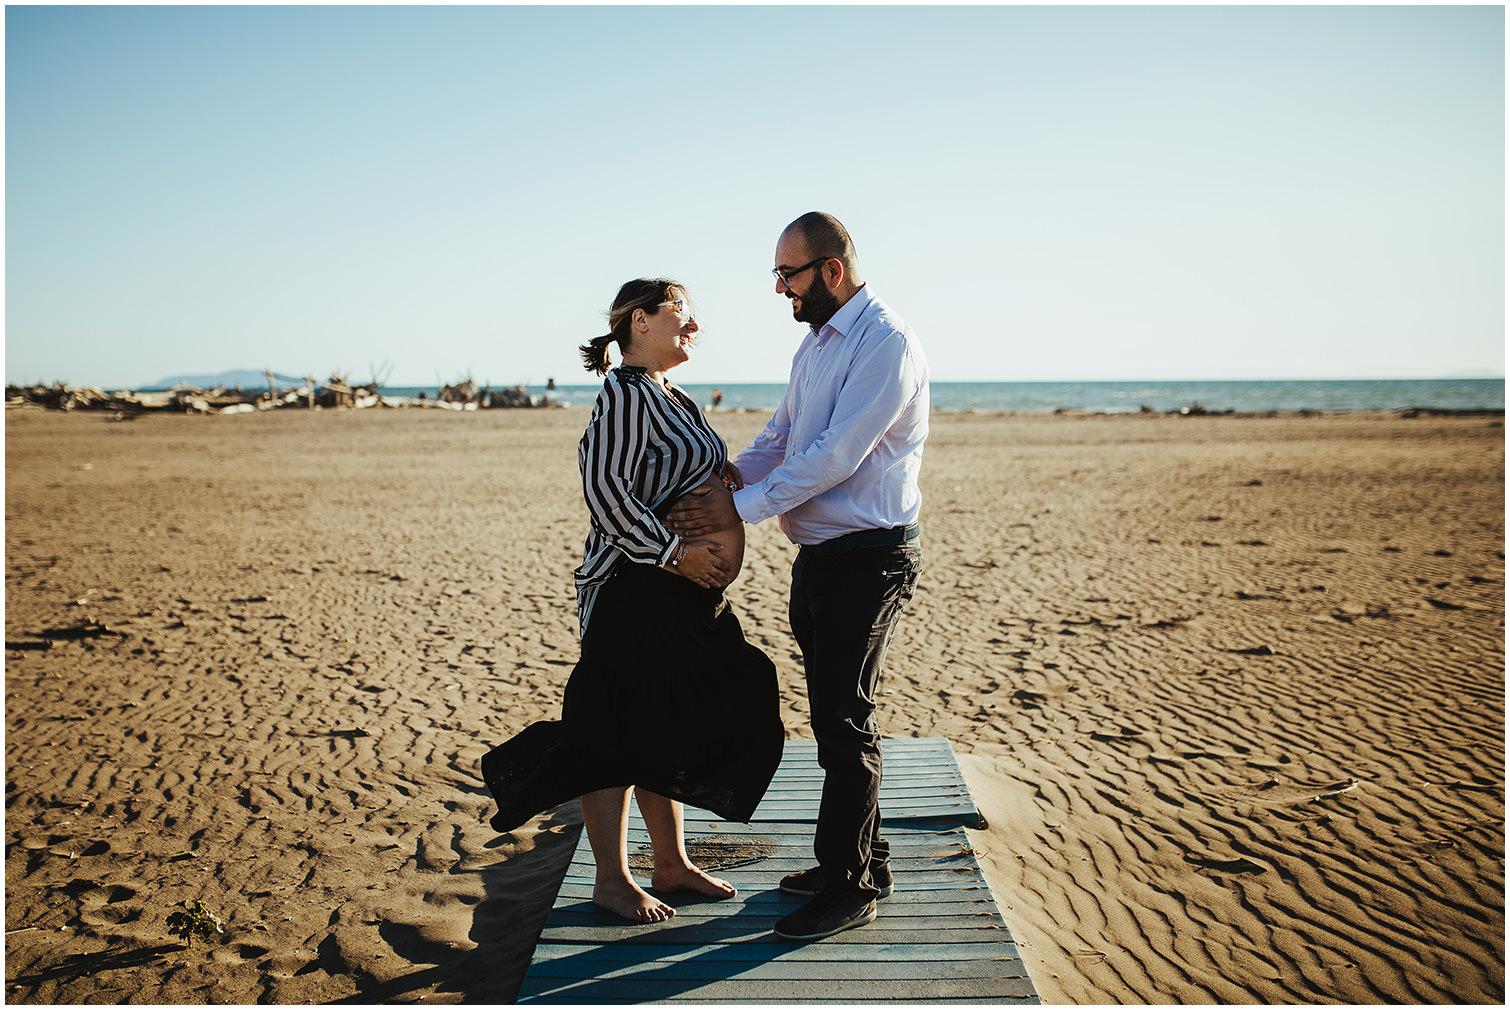 rosi-miche-maternity-session-sara-lorenzoni-fotografia-arezzo-grosseto-fotografo-matrimonio-03